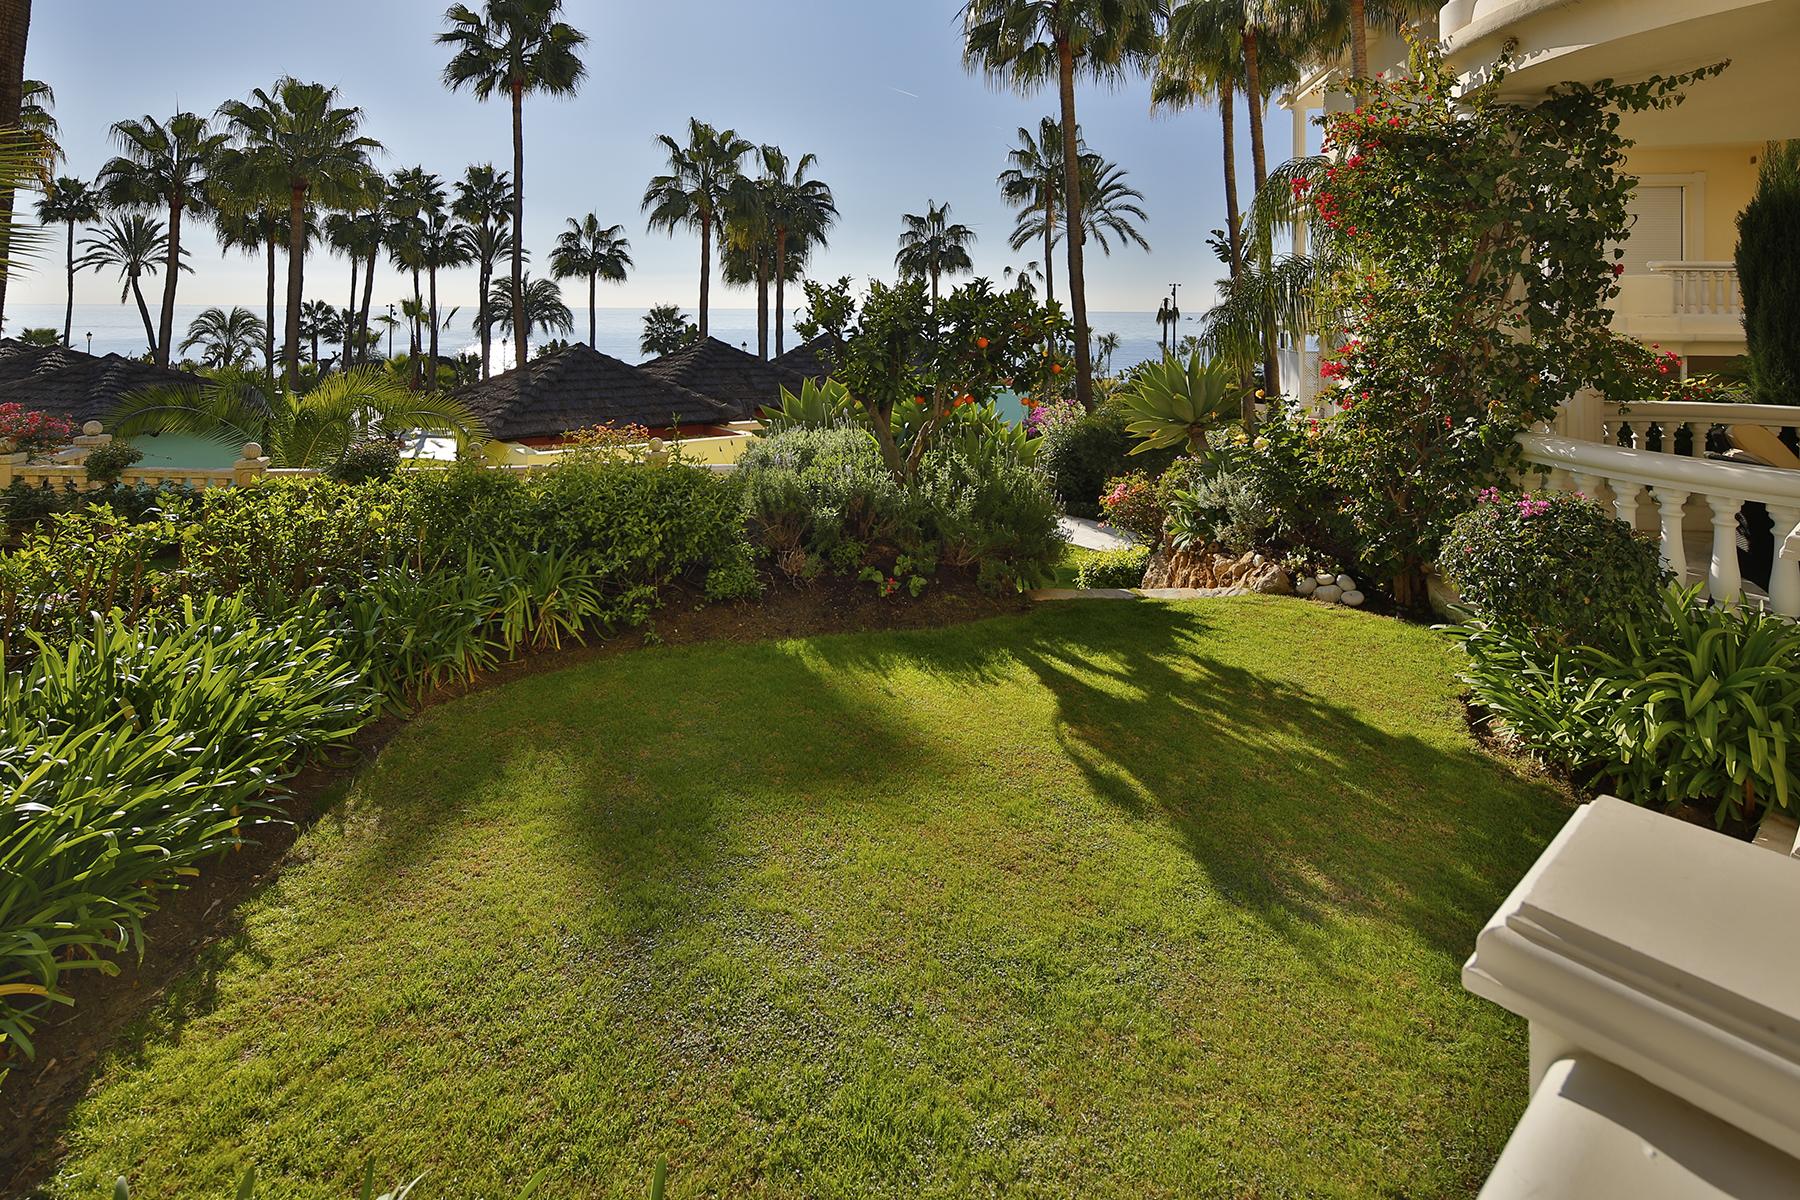 Appartement pour l Vente à Ground floor apartment Las Dunas Park Estepona, Costa Del Sol, 29680 Espagne